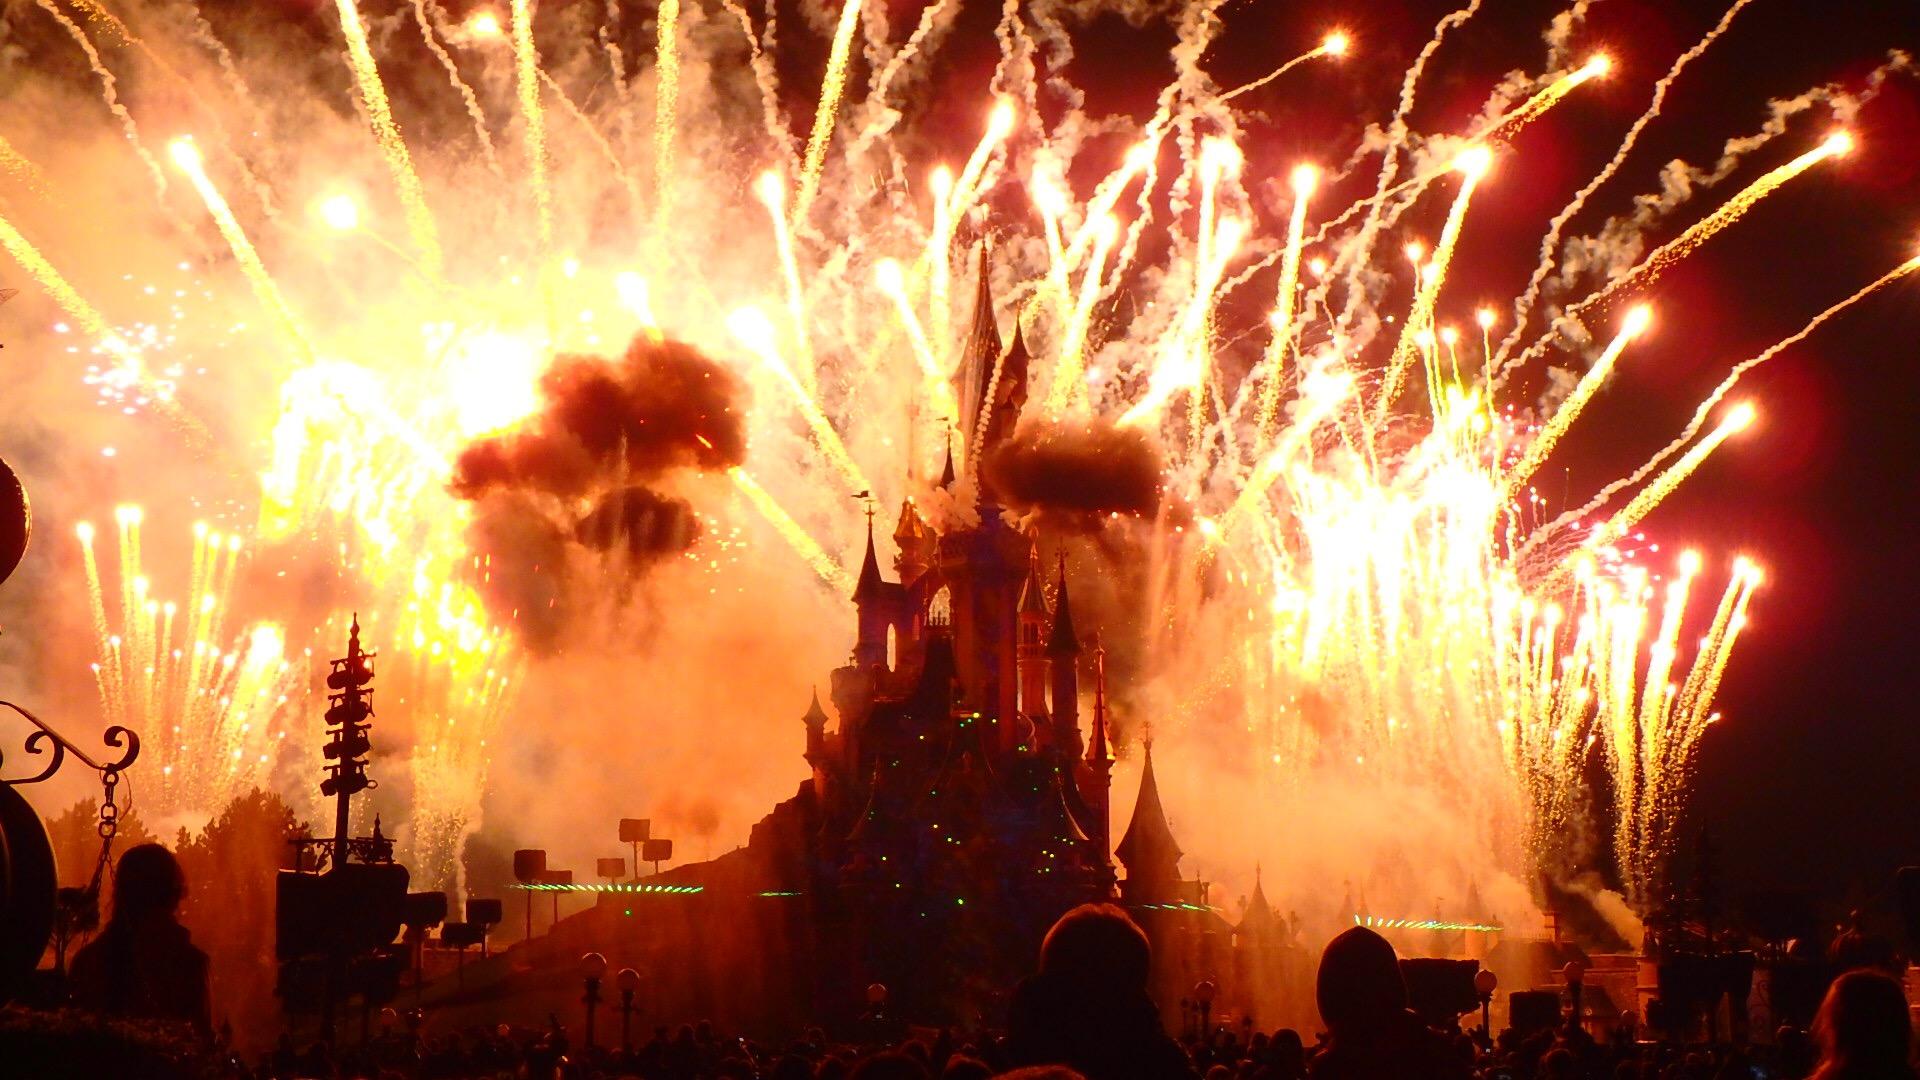 ディズニーランドパリ 夜のショーと花火 迫力がすごい